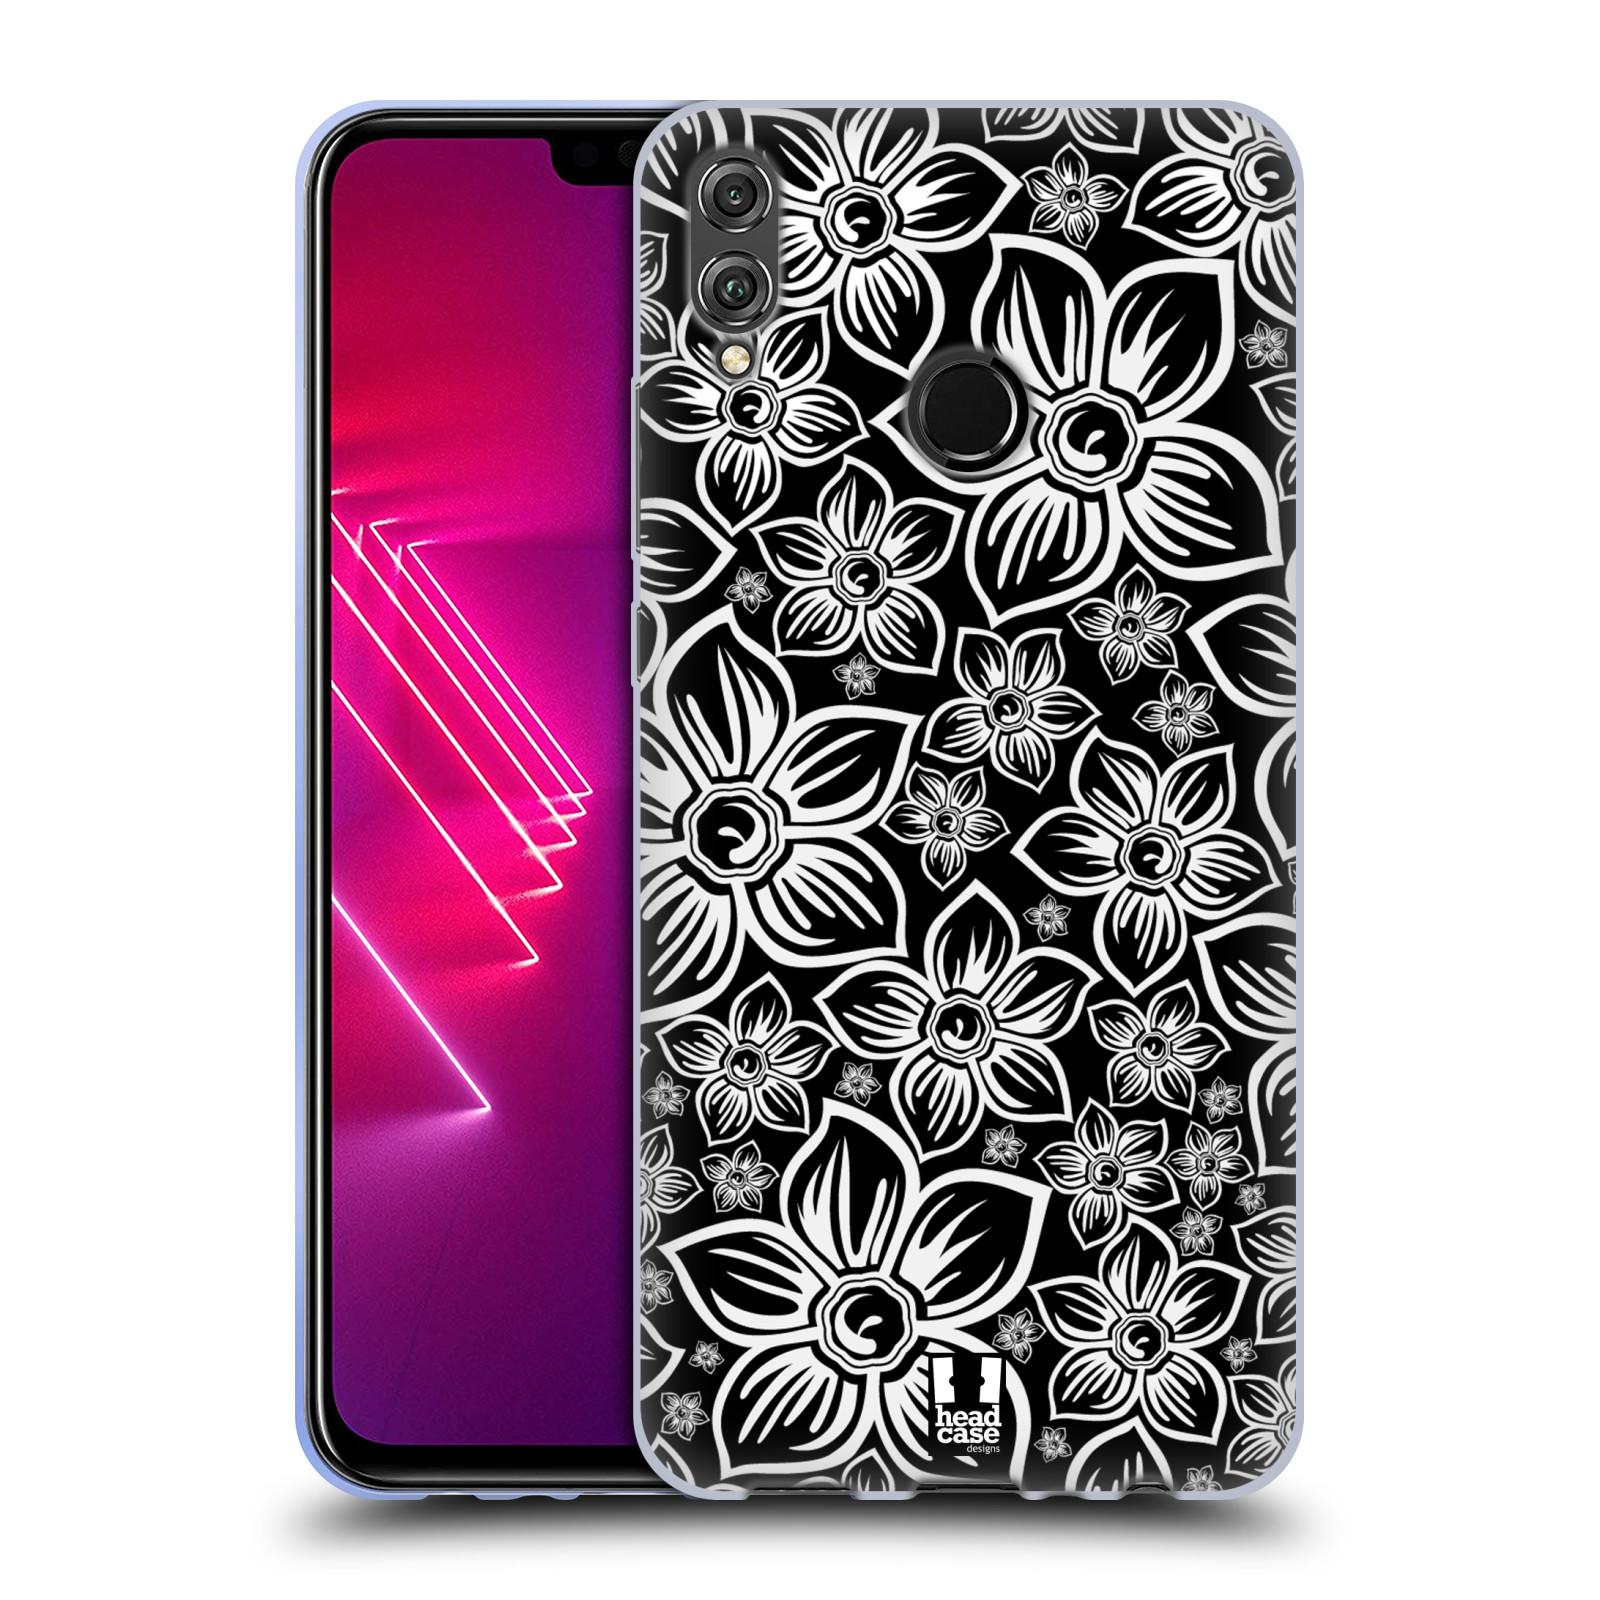 Silikonové pouzdro na mobil Honor View 10 Lite - Head Case - FLORAL DAISY